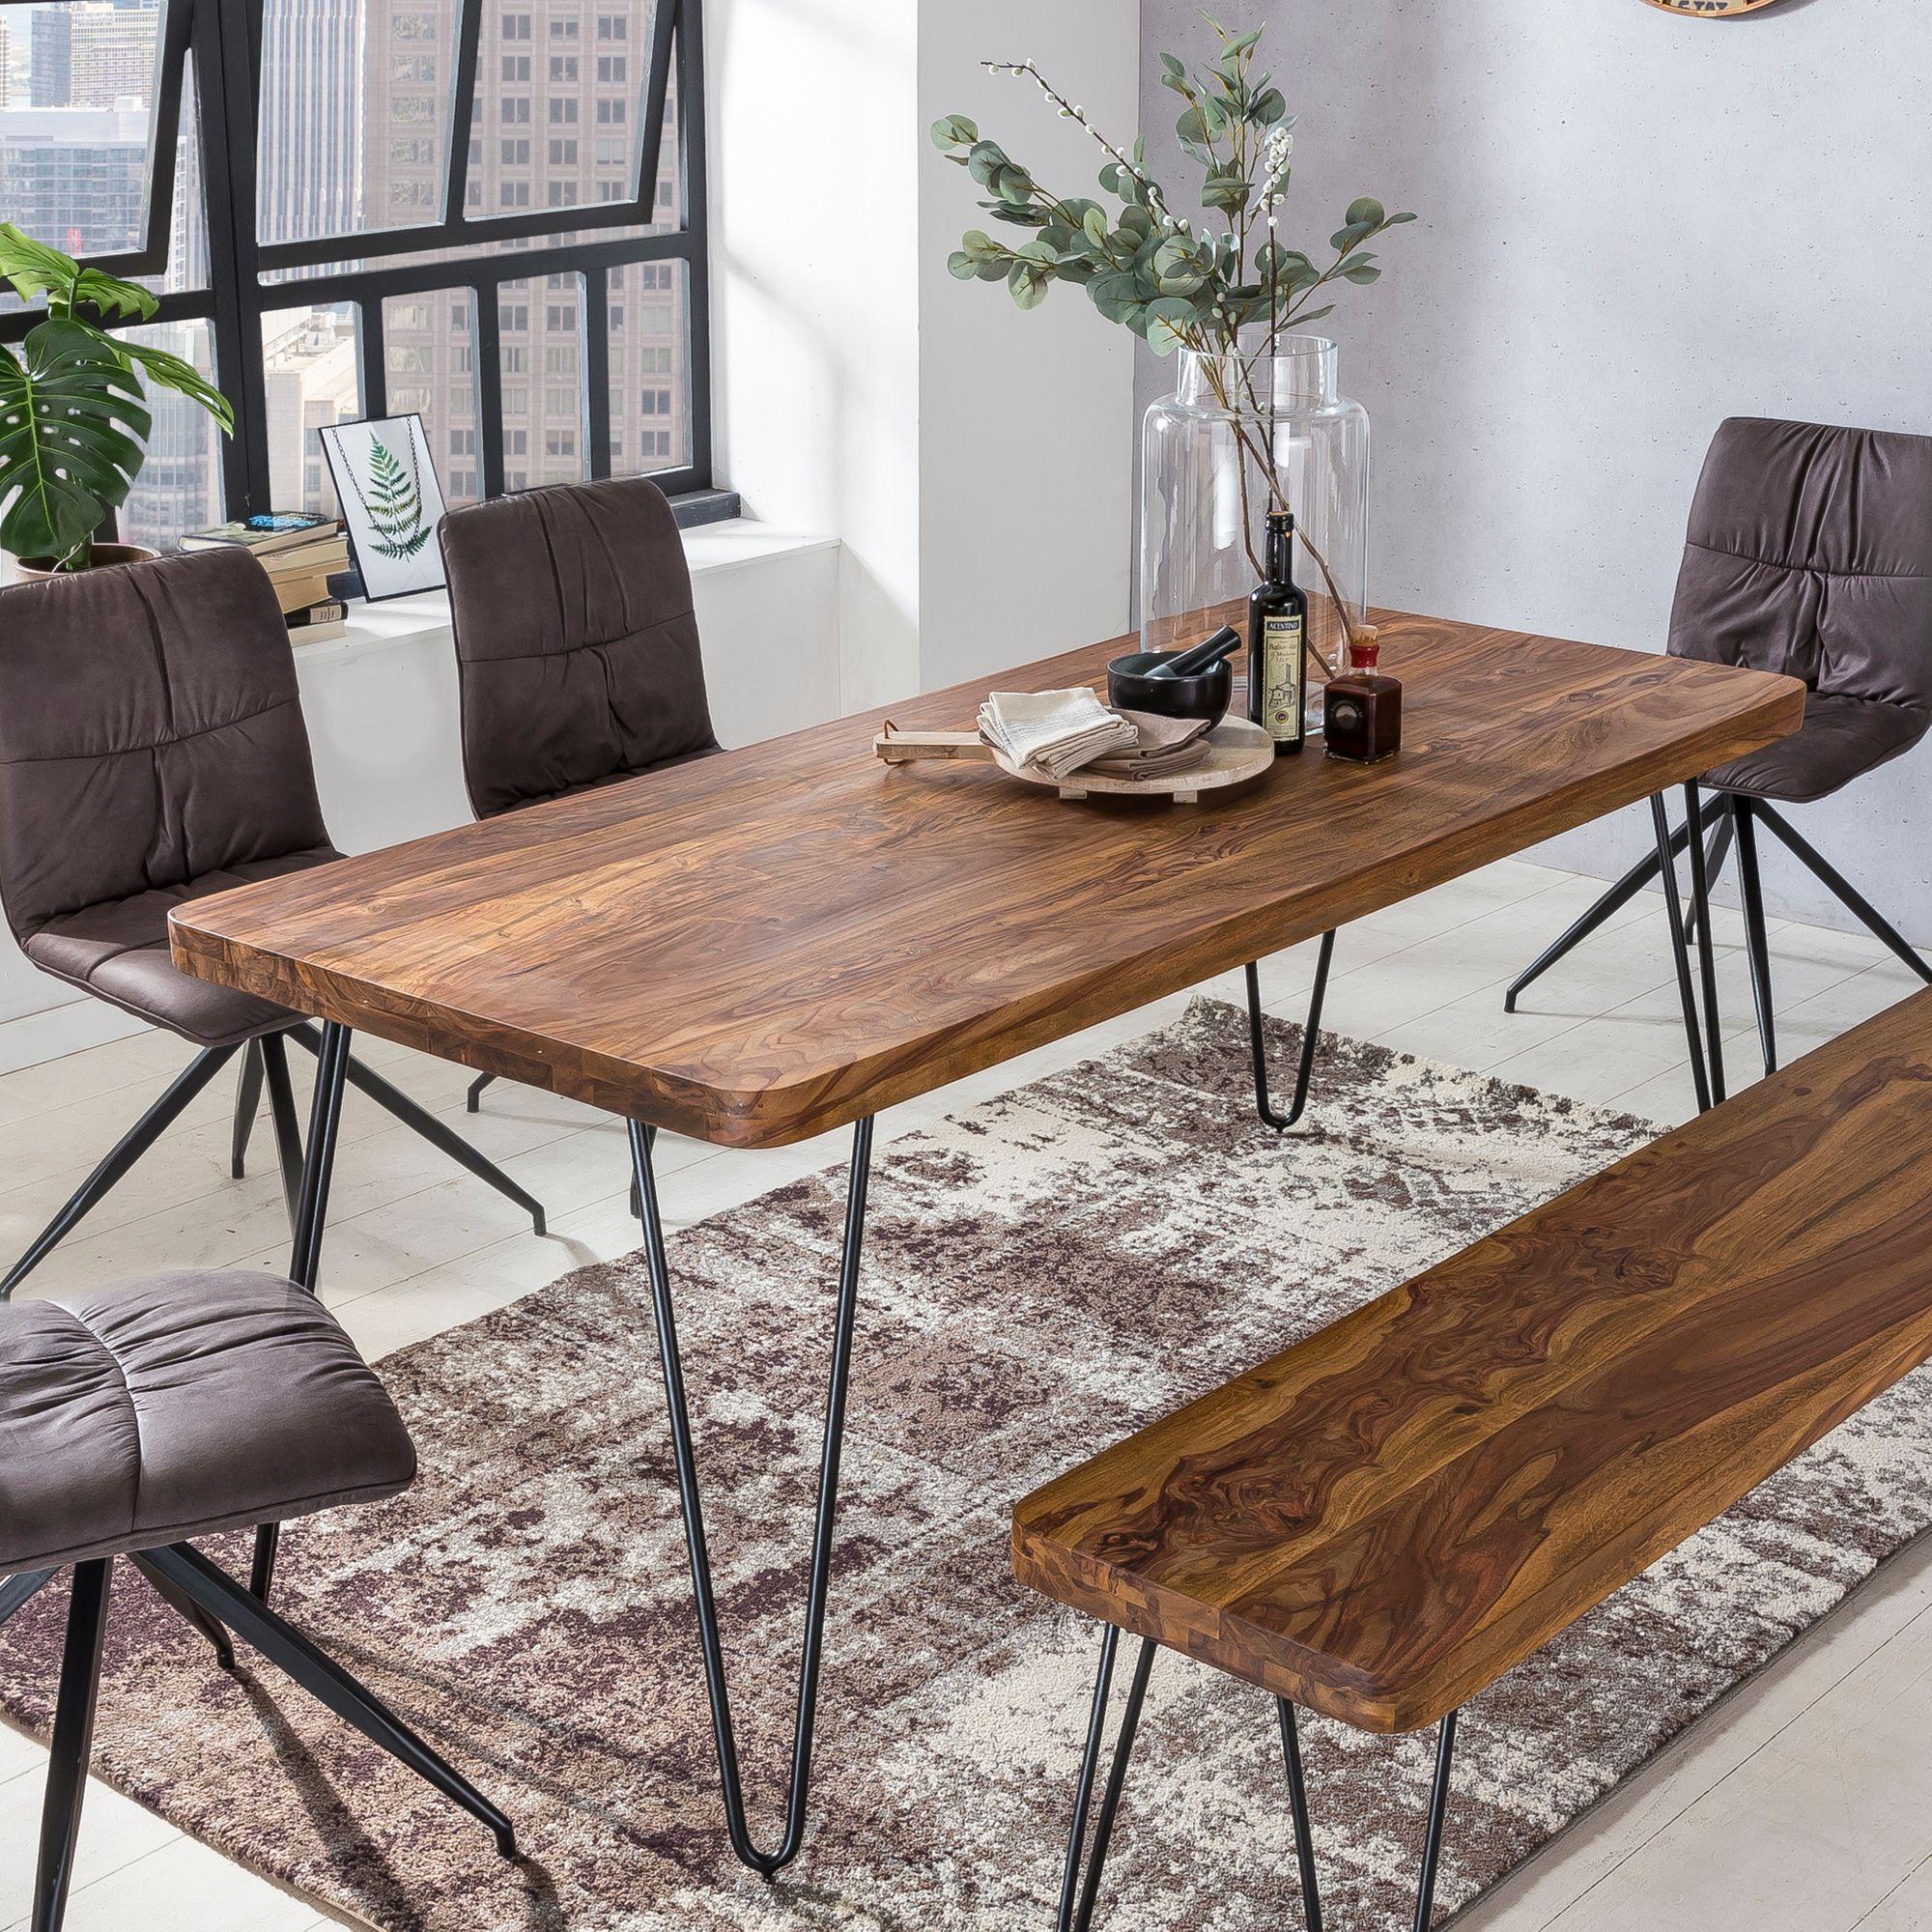 WOHNLING Esstisch BAGLI Massivholz Sheesham 160 Cm Esszimmer Tisch  Holztisch Metallbeine Küchentisch Landhaus Dunkel